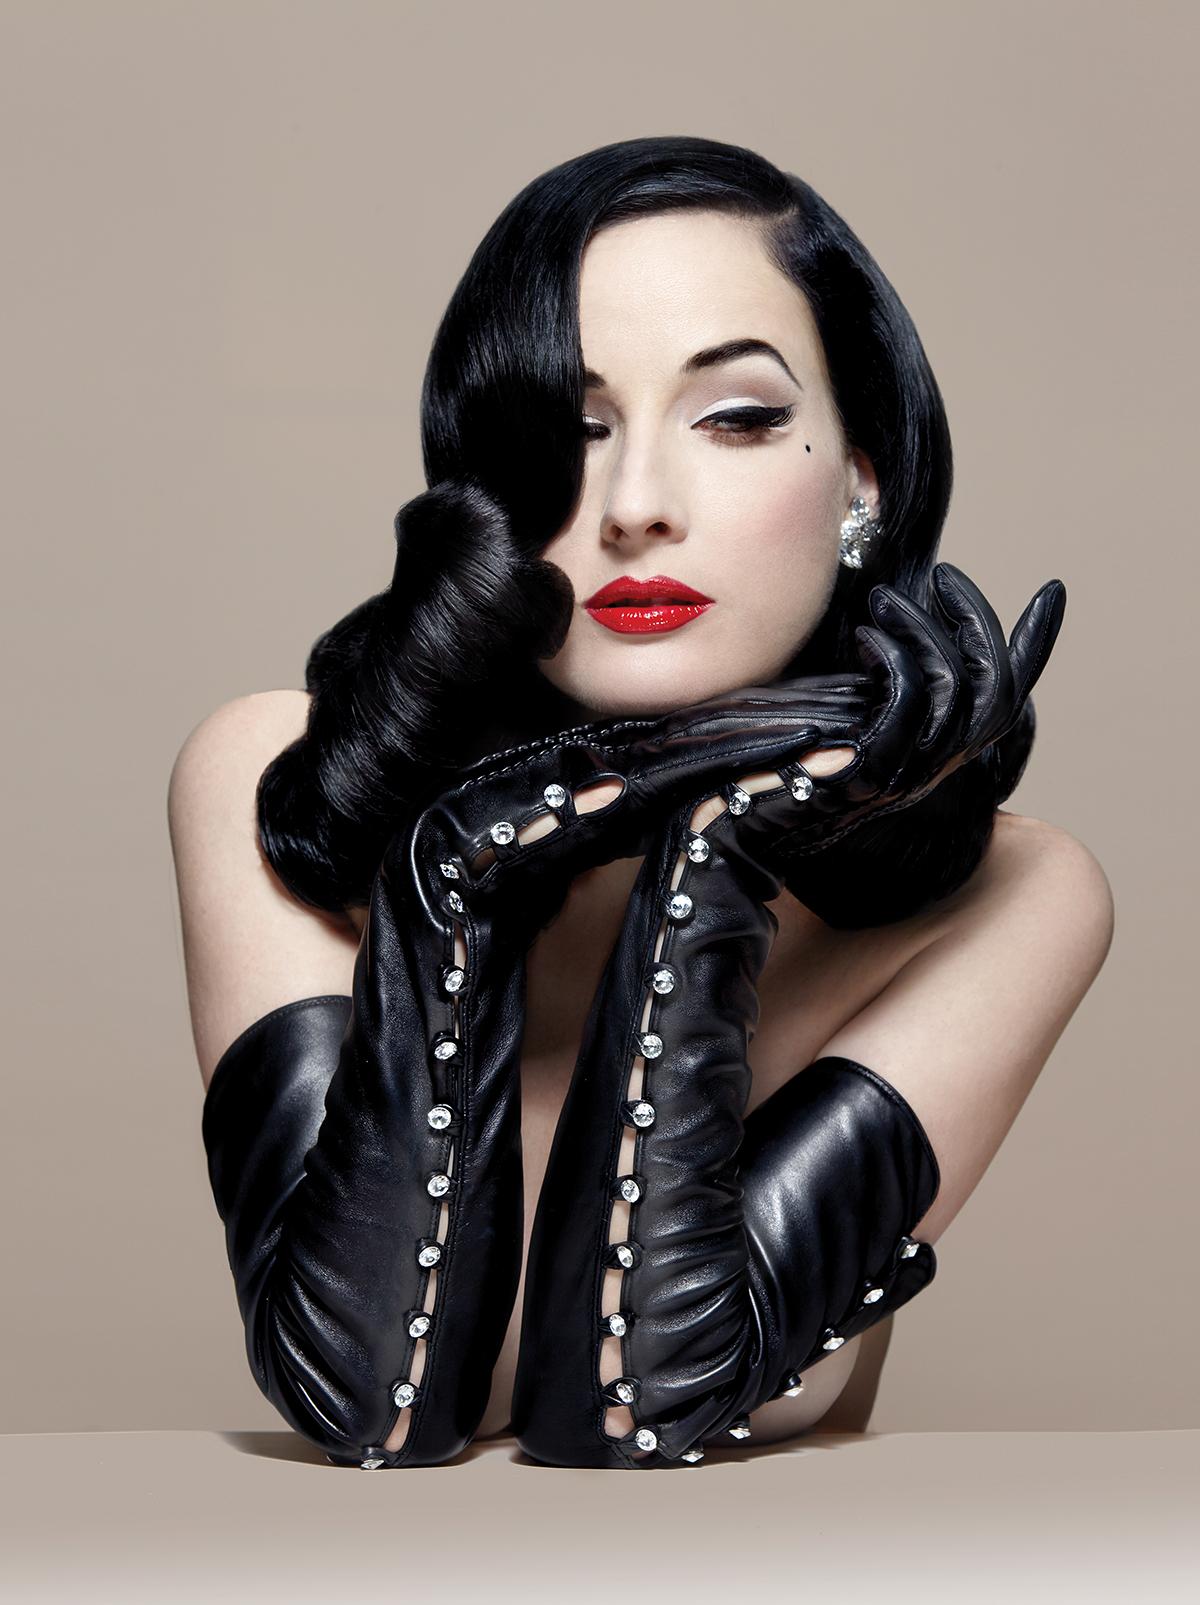 XXX Pictures Dita von teese gloves